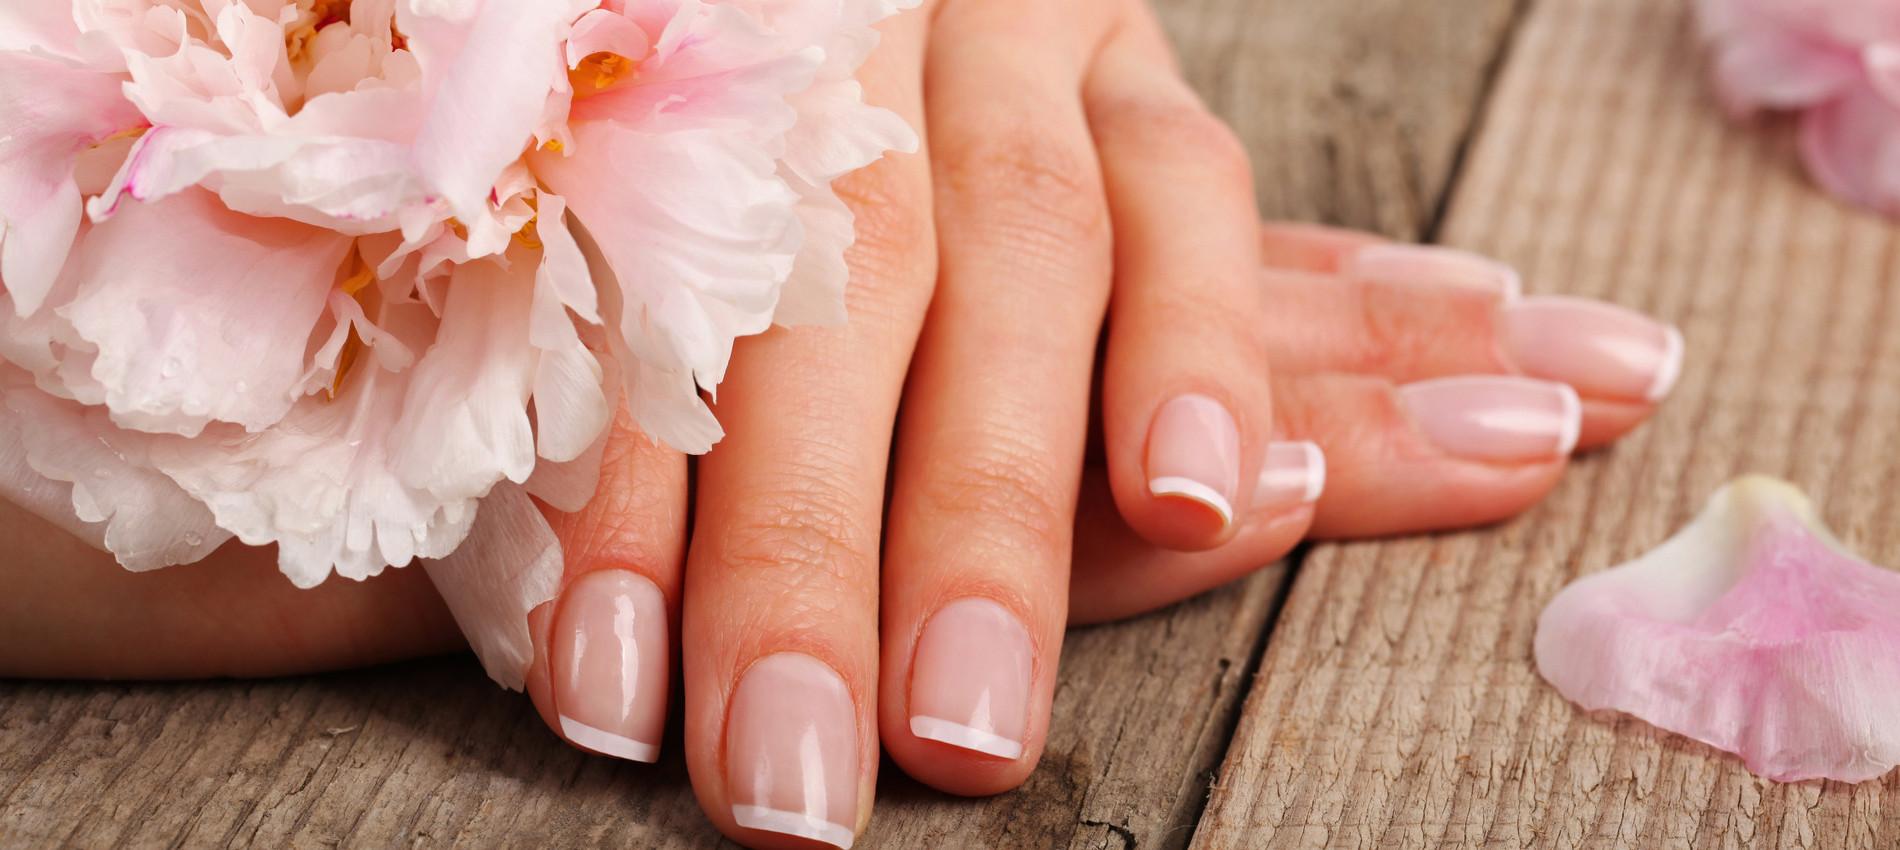 Как укрепить ногти в домашних условиях?